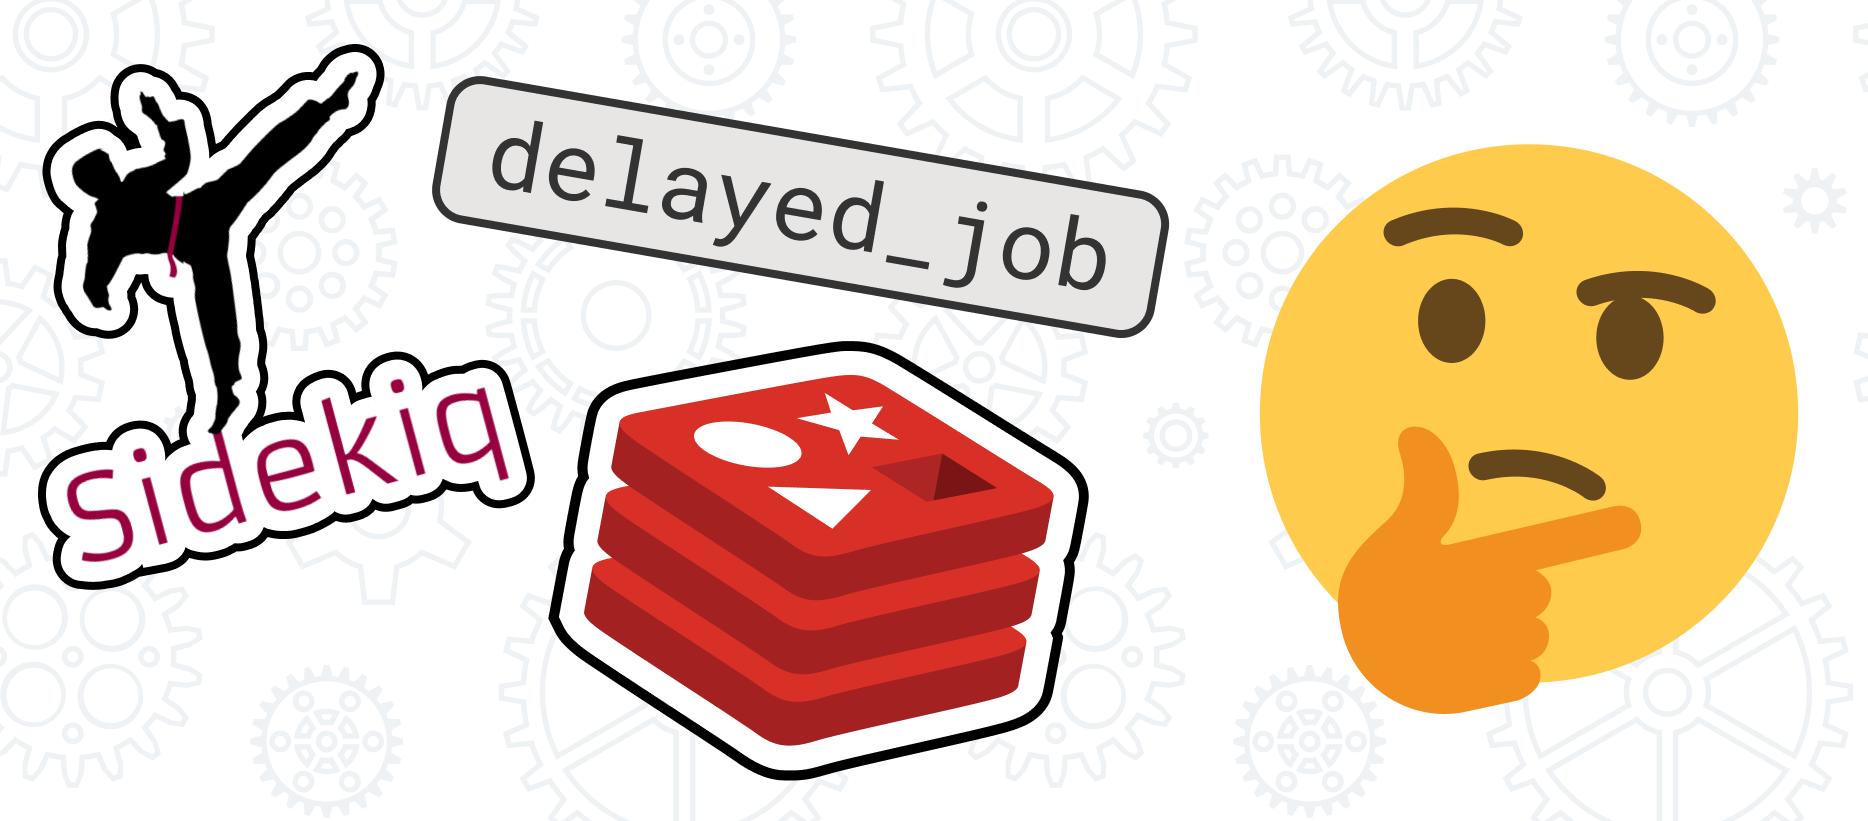 Debating Sidekiq vs Delayed Job